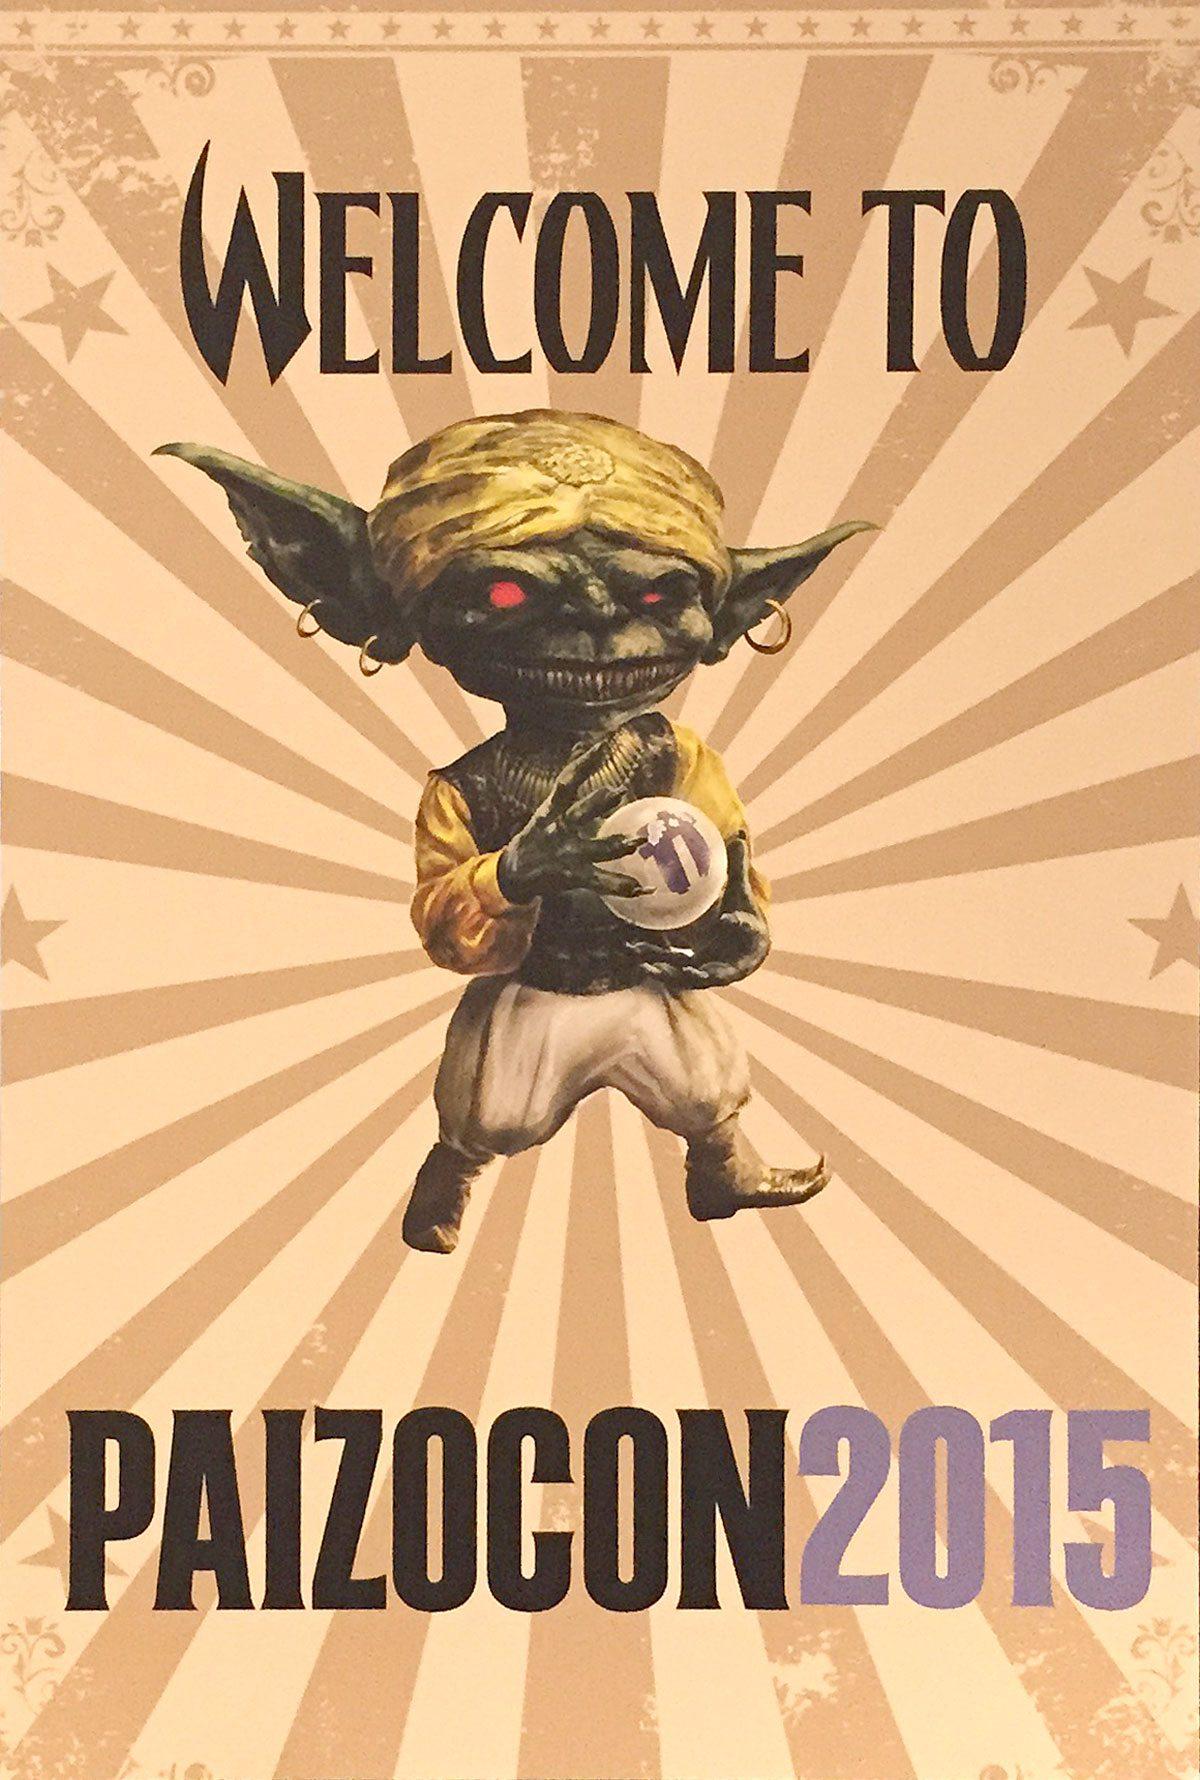 PaizoCon-welcome